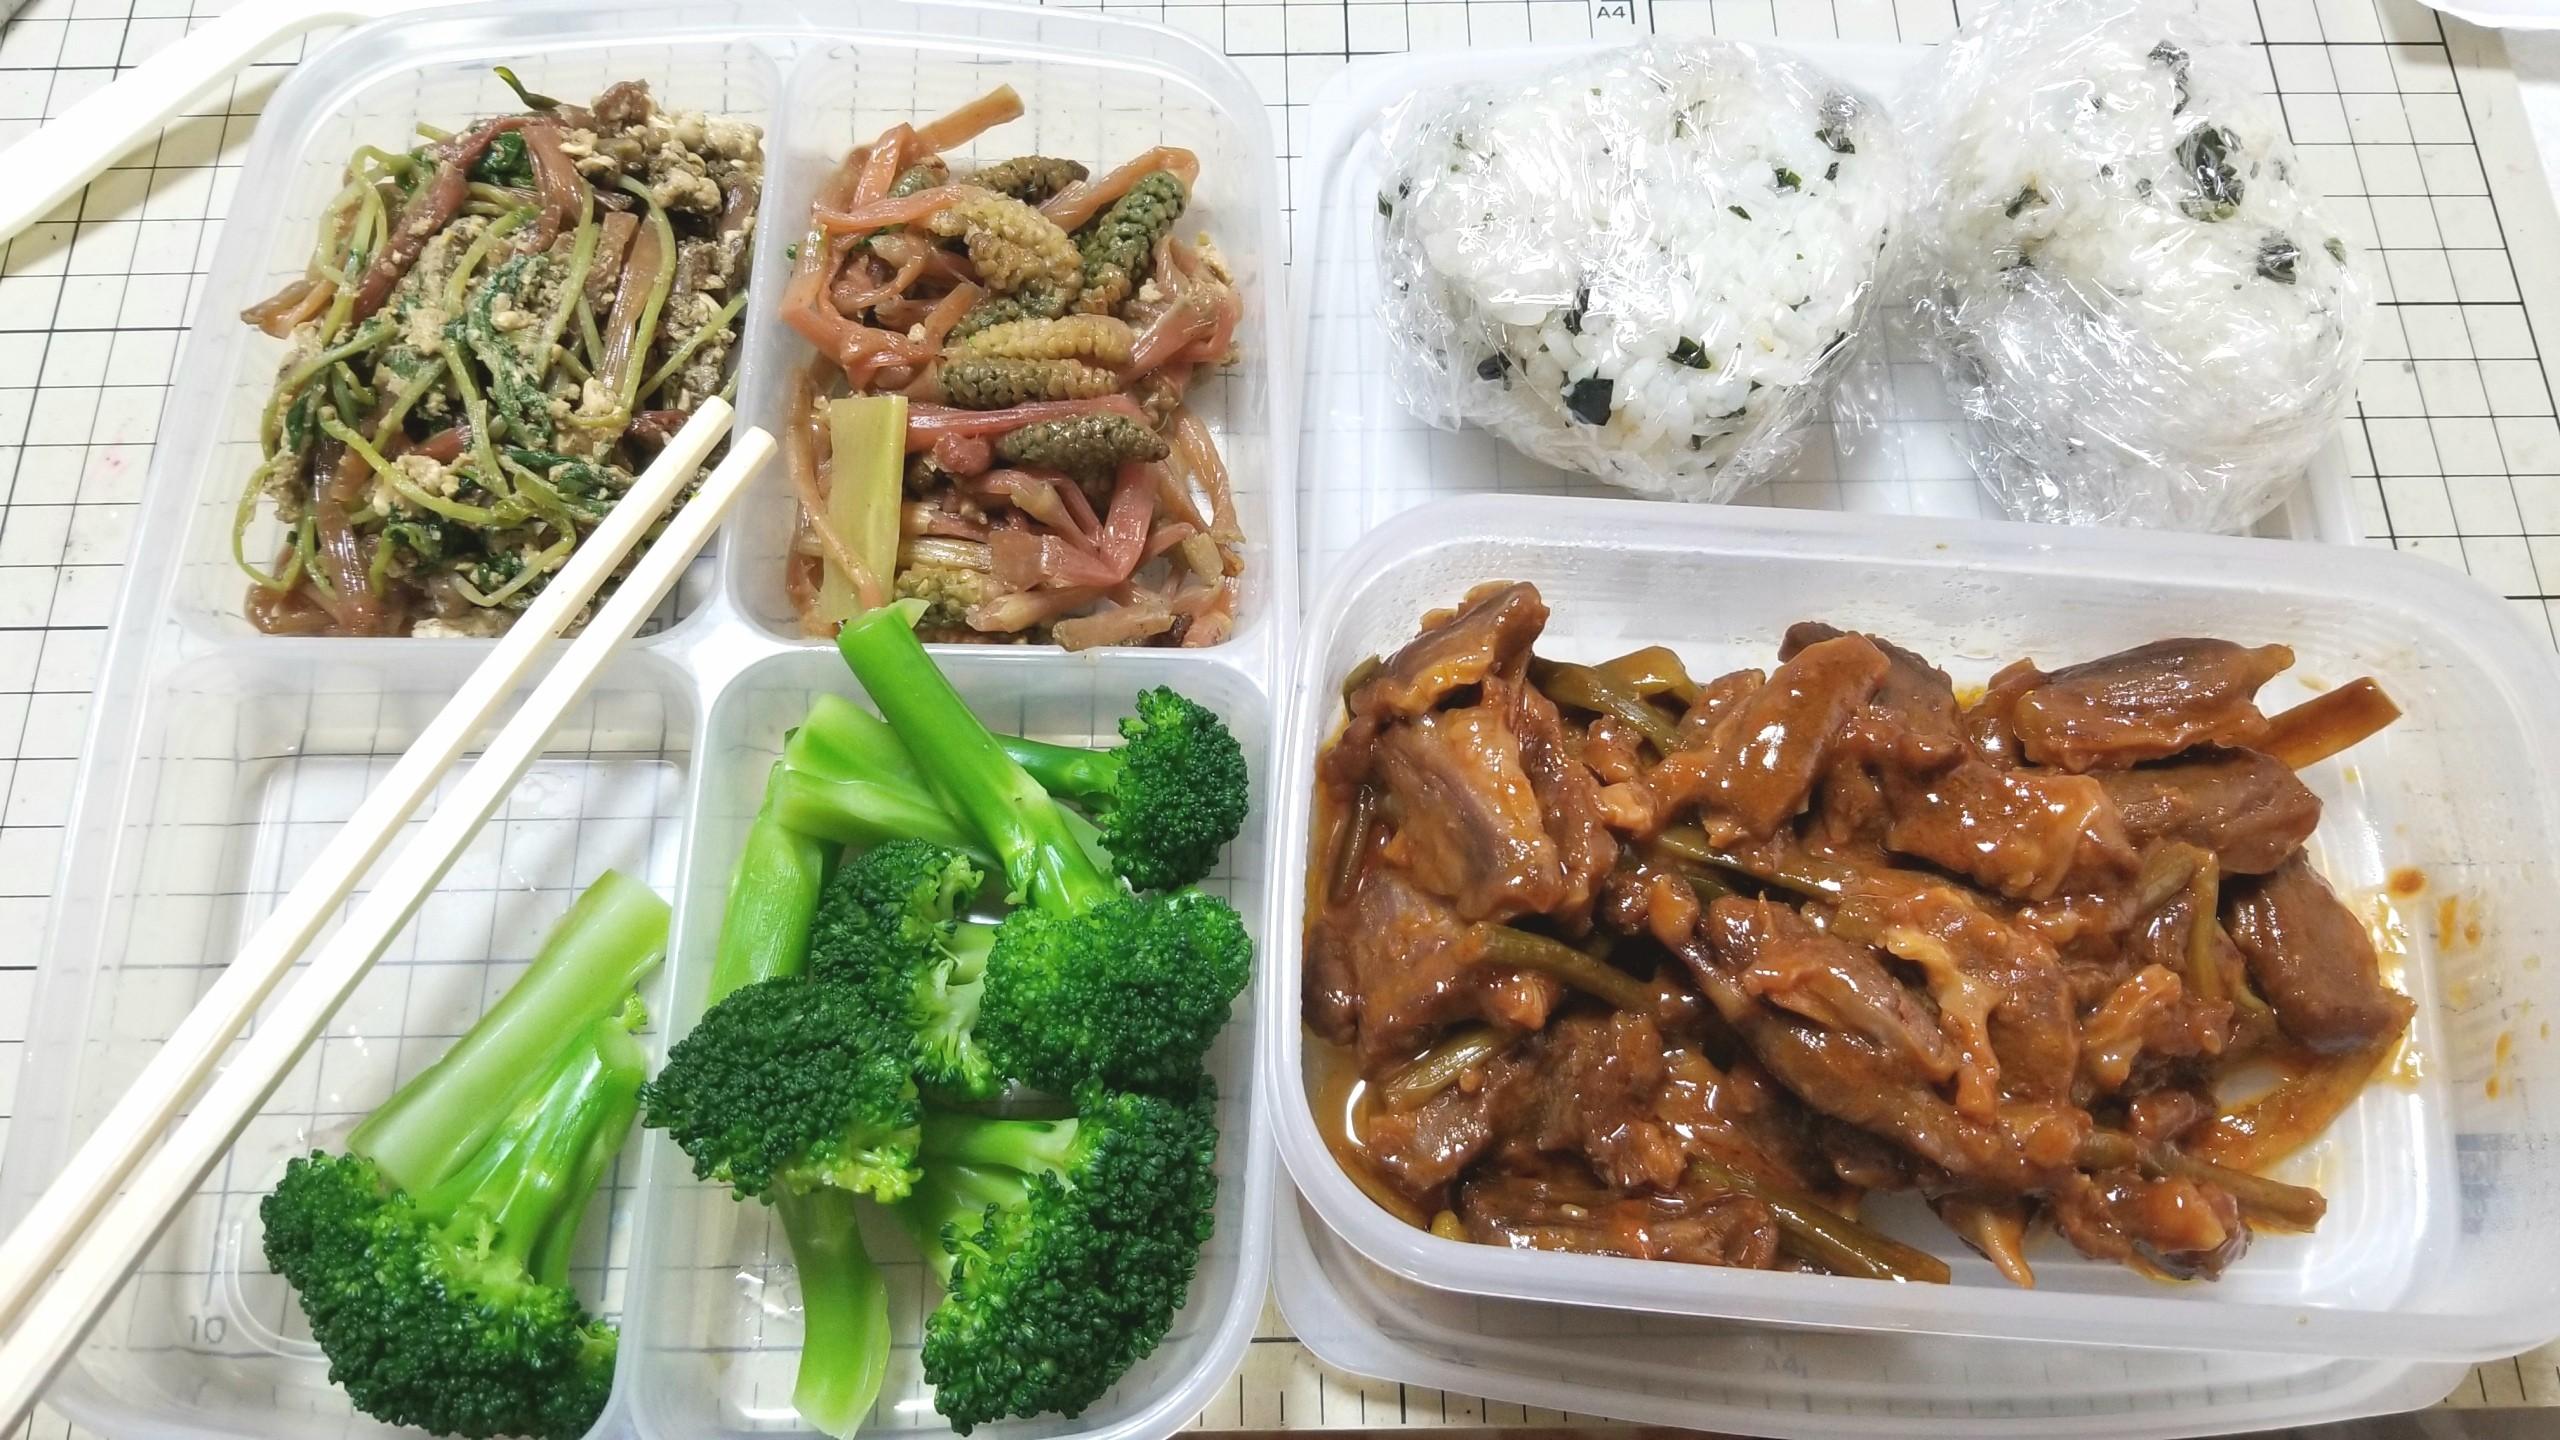 つくし料理,おいしい手料理嬉しい,助かる線維筋痛症ブログ,炒め物